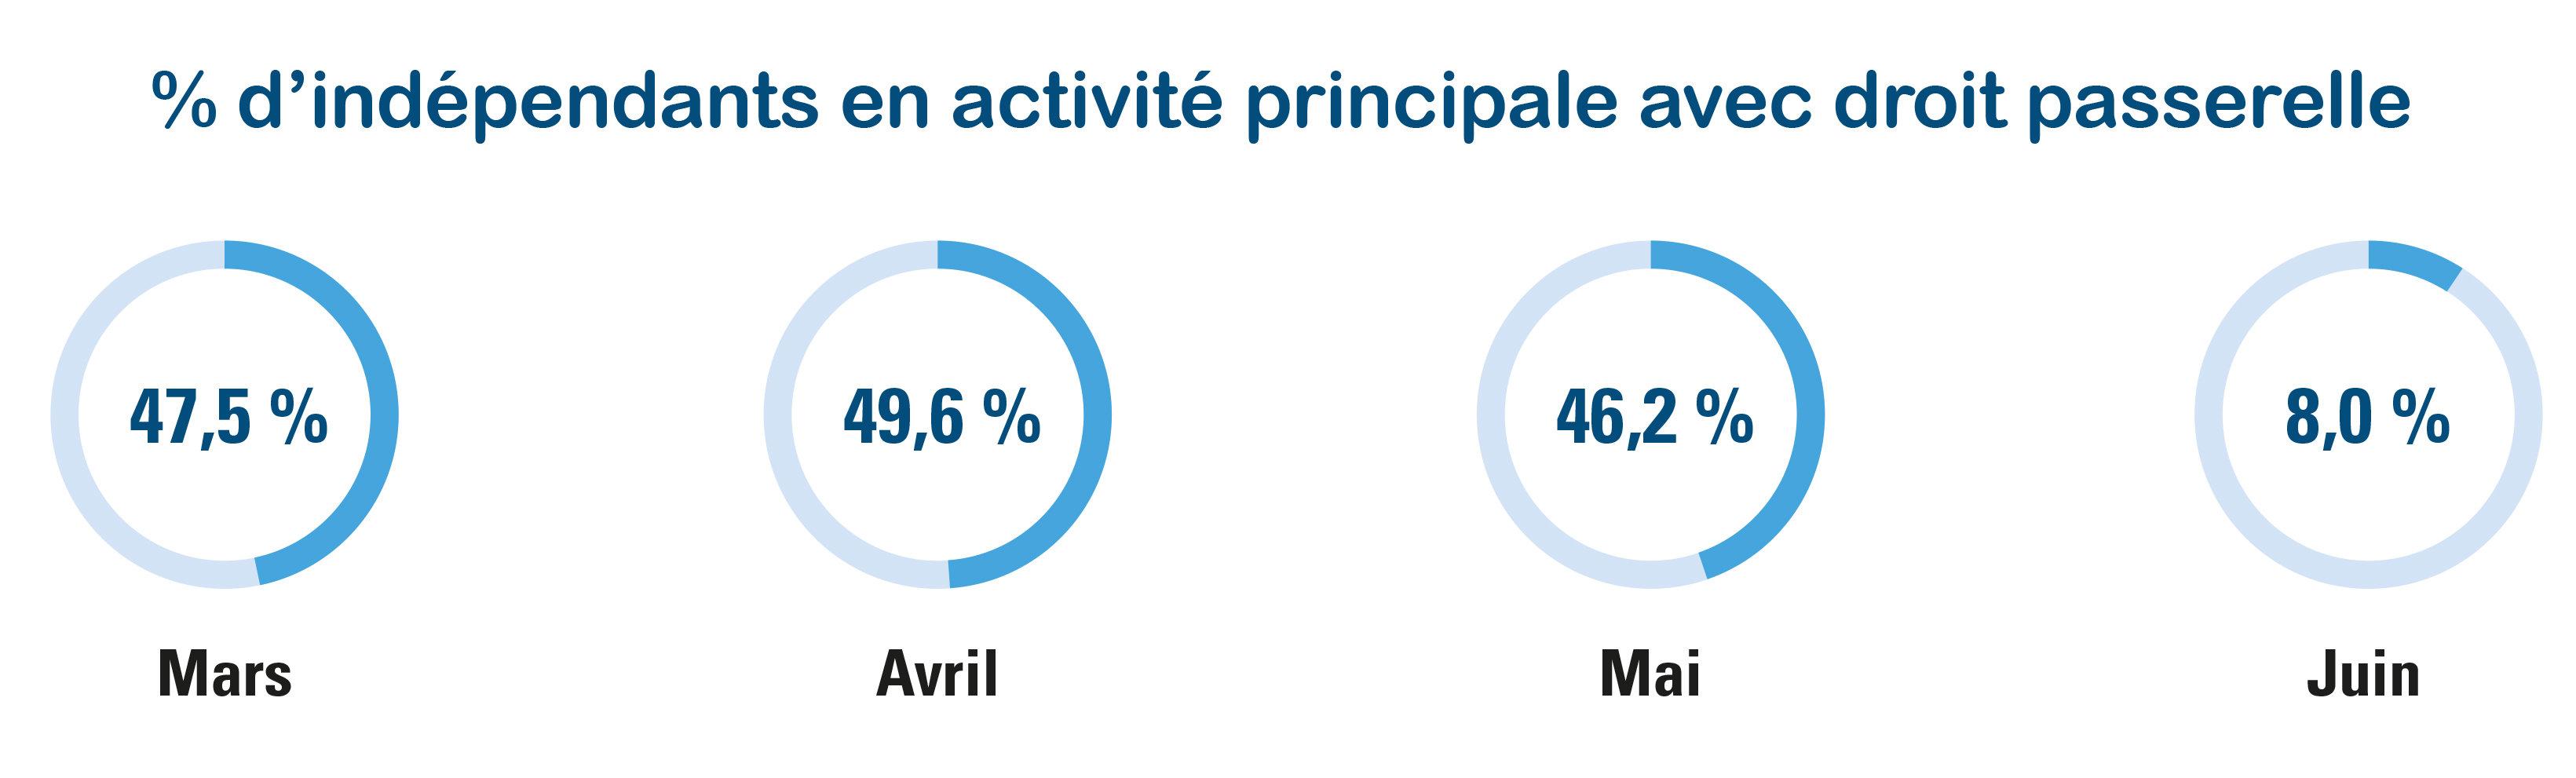 % d'indépendants en activité principale qui ont donné suite à l'offre de droit passerelle